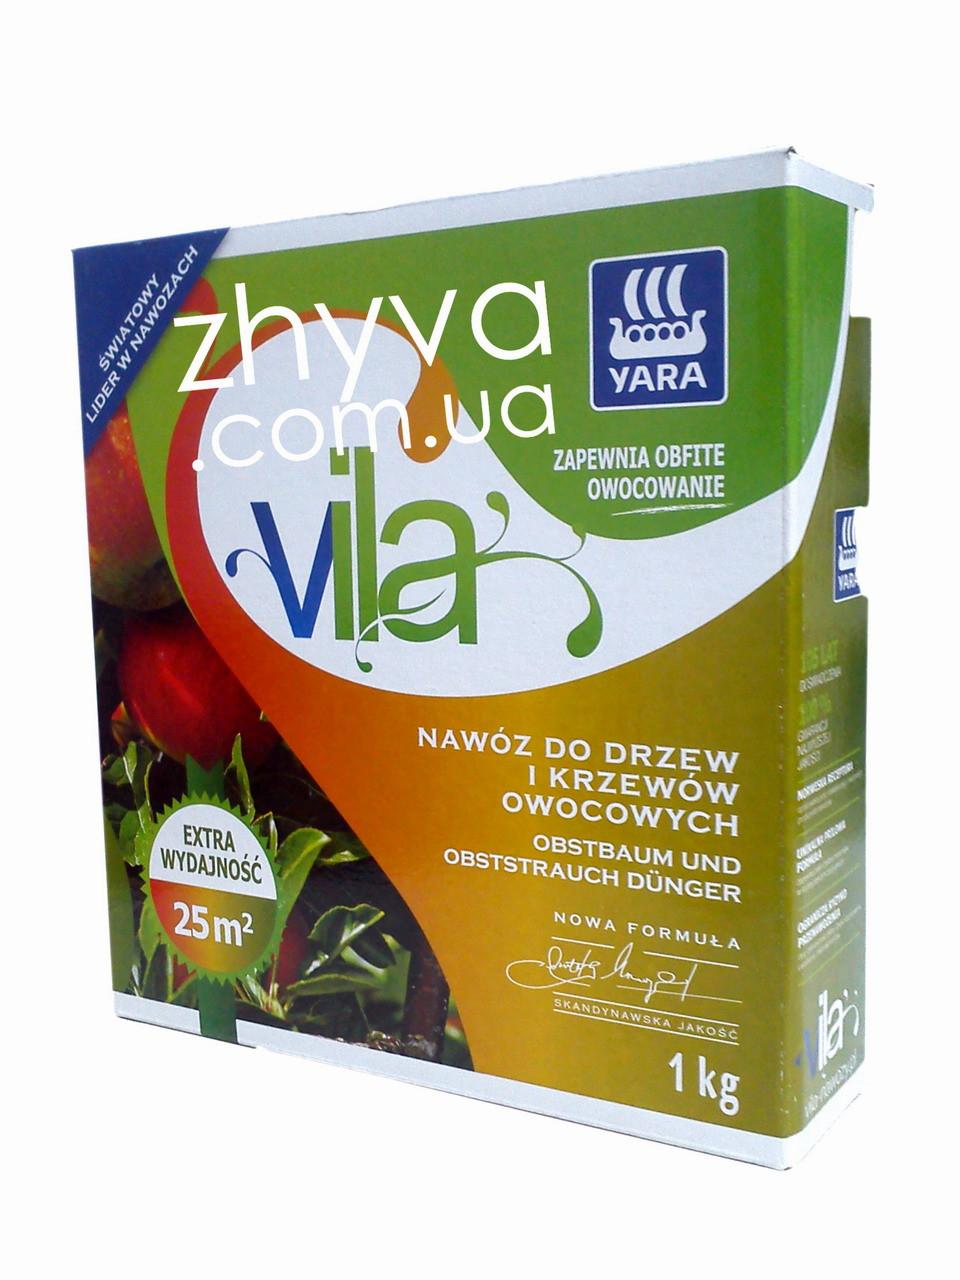 Добриво для плодових дерев Vila Yara 1кг / Удобрение для плодовых деревьев Яра 1кг